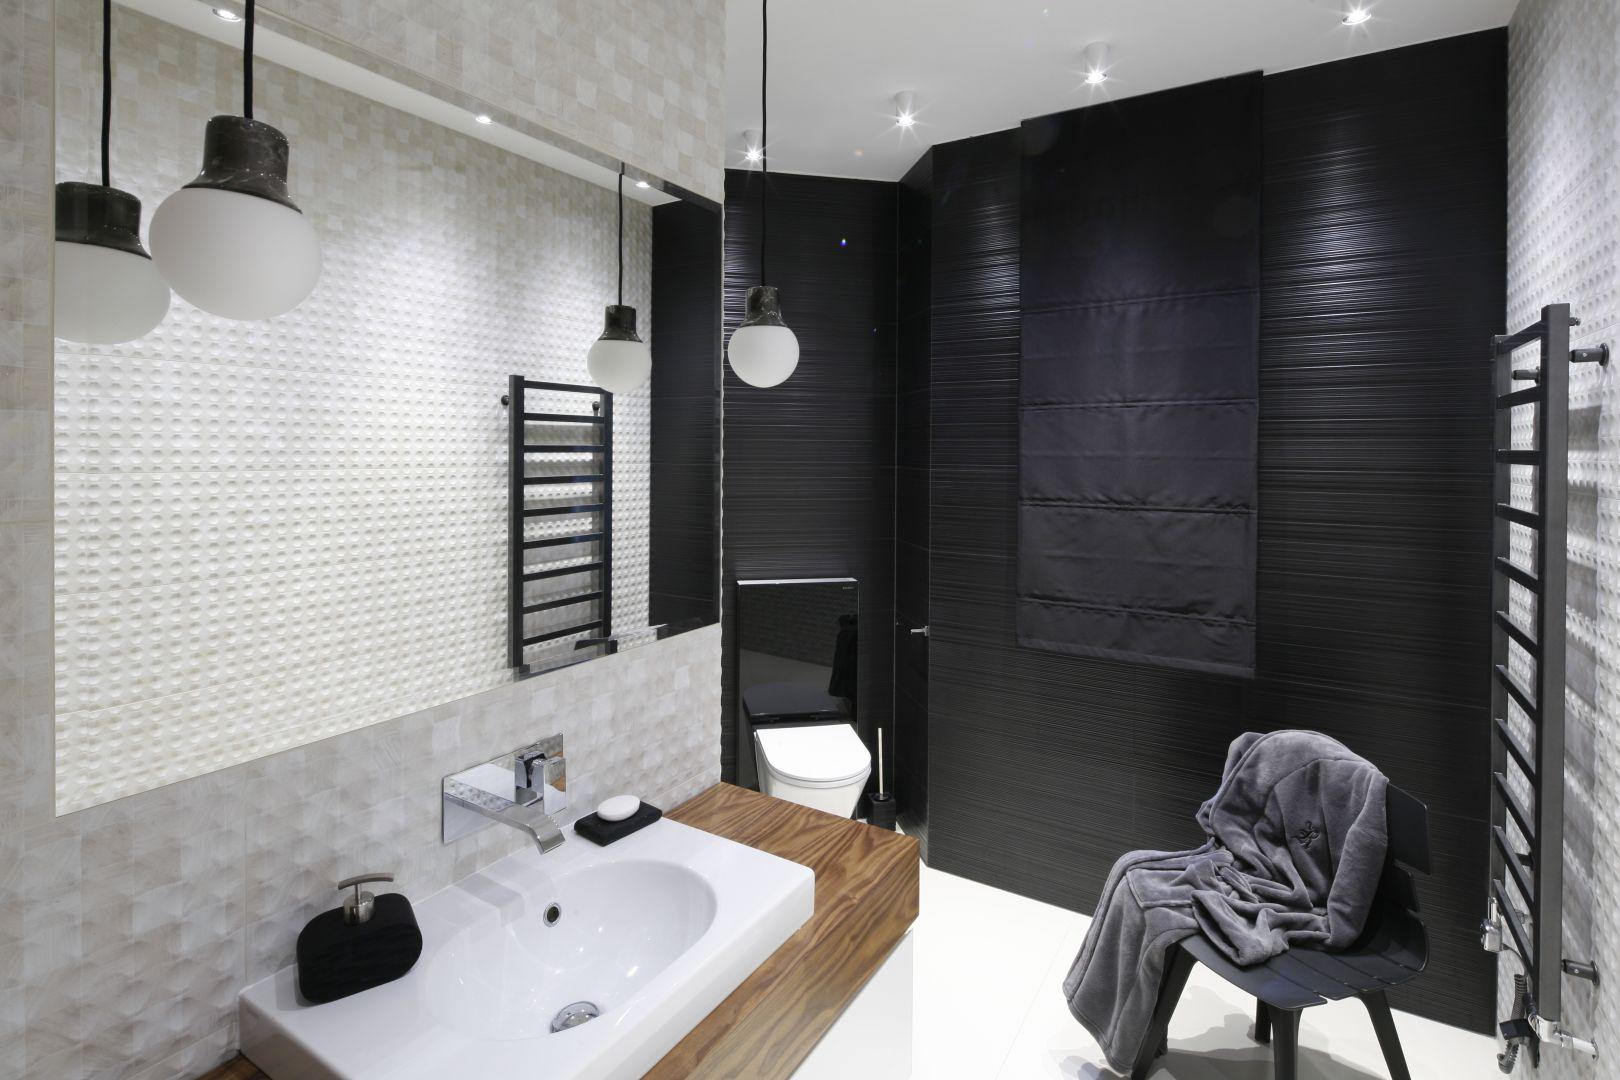 Szara łazienka zainspirowana nowoczesną stylistyką. Drewniana szafka podumywalkowa ociepla nieco chłodne w wyrazie wnętrze. Projekt: Jan Sikora. Fot. Bartosz Jarosz